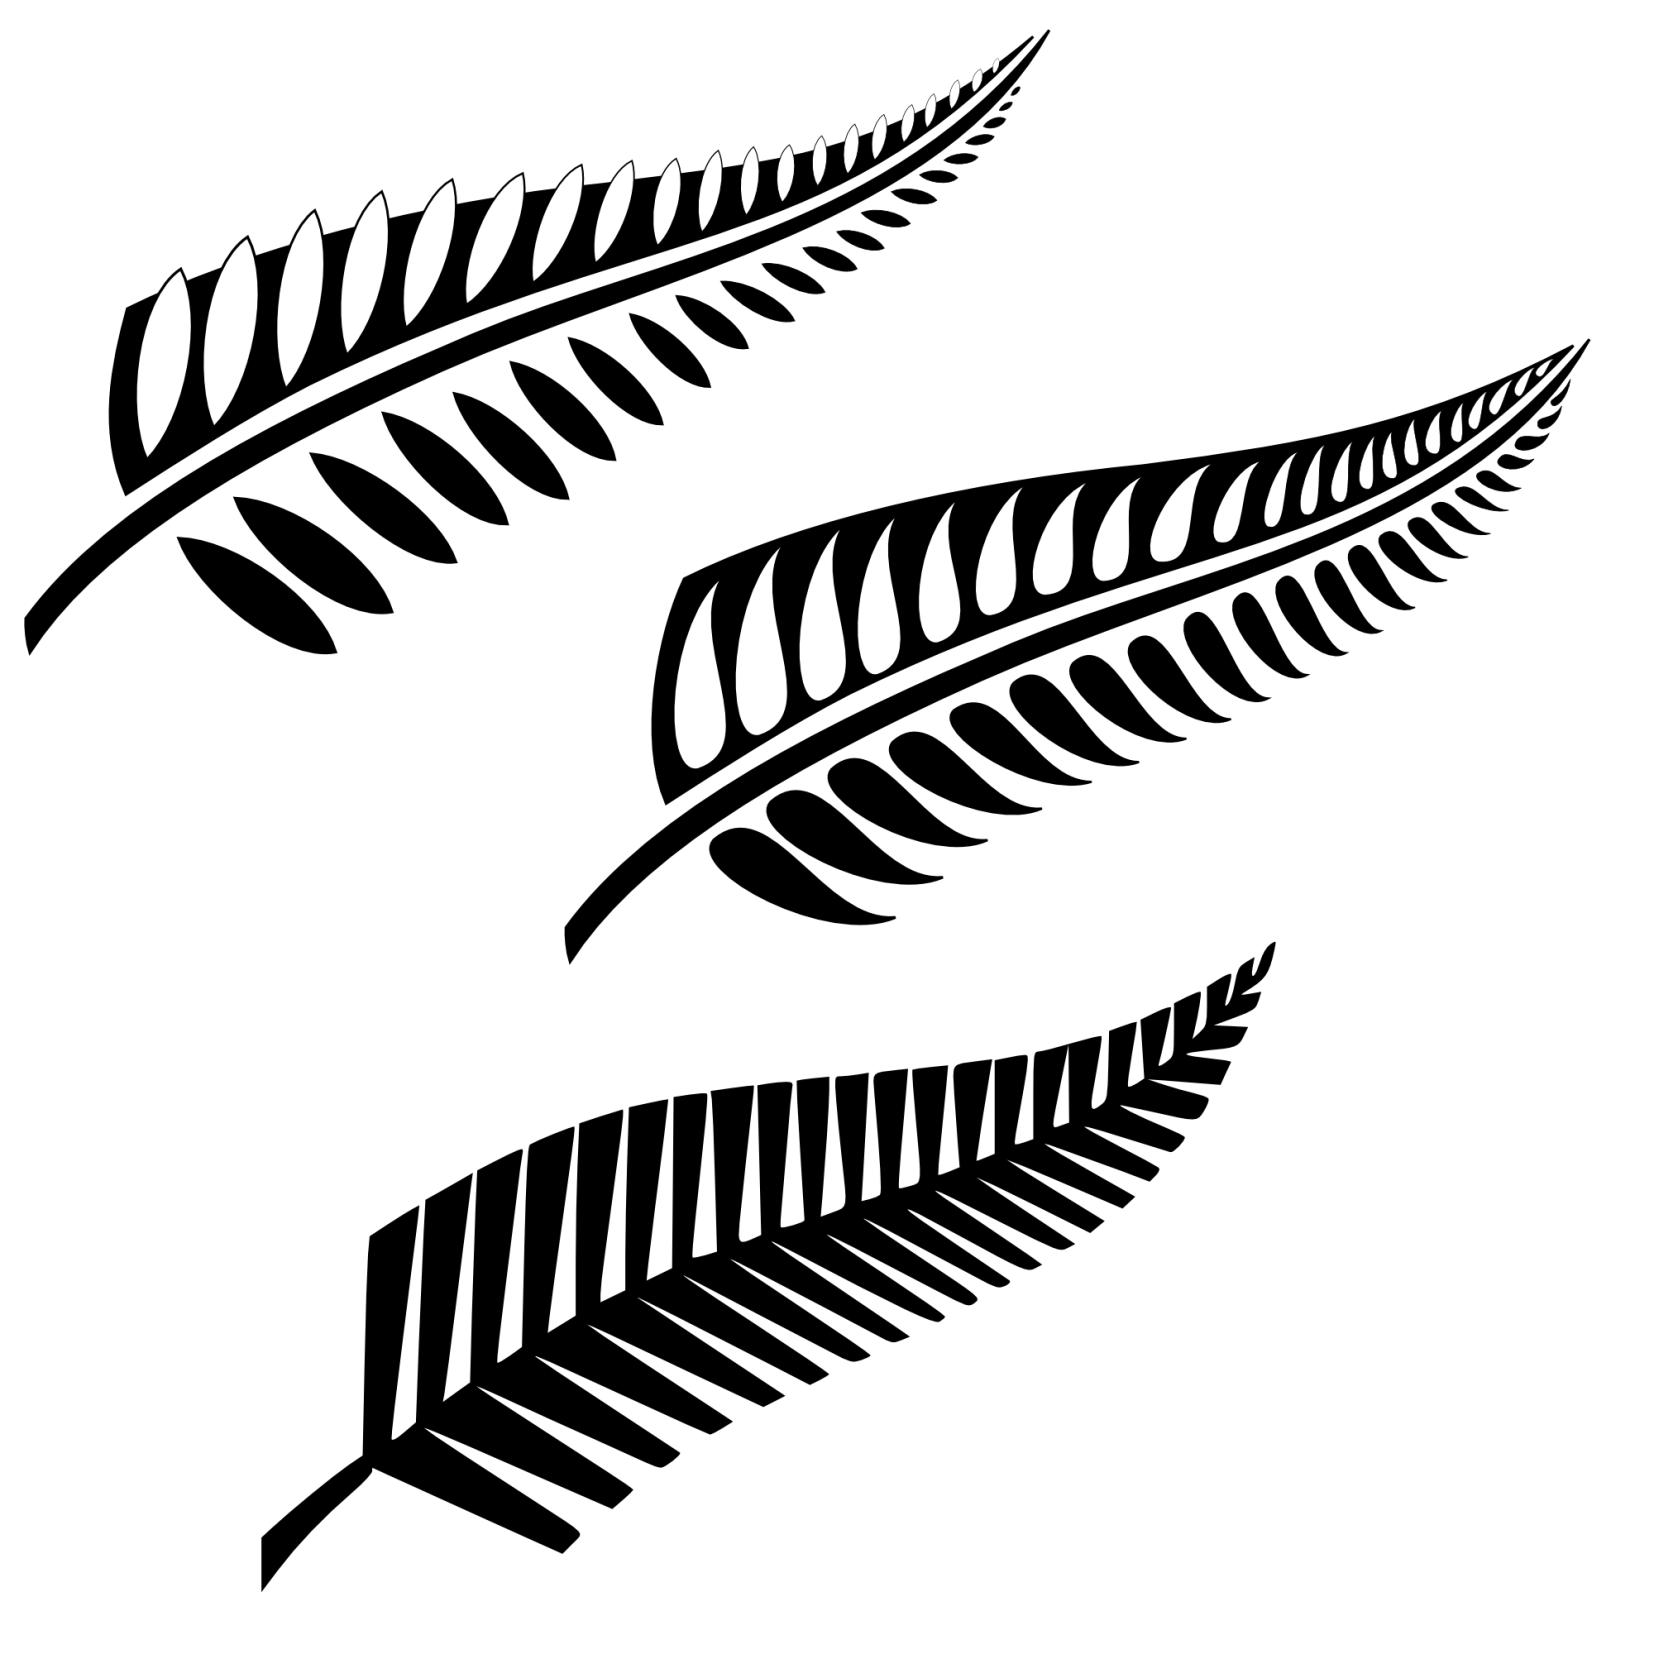 Maori tattoo designs permalink for Cavalluccio marino maori